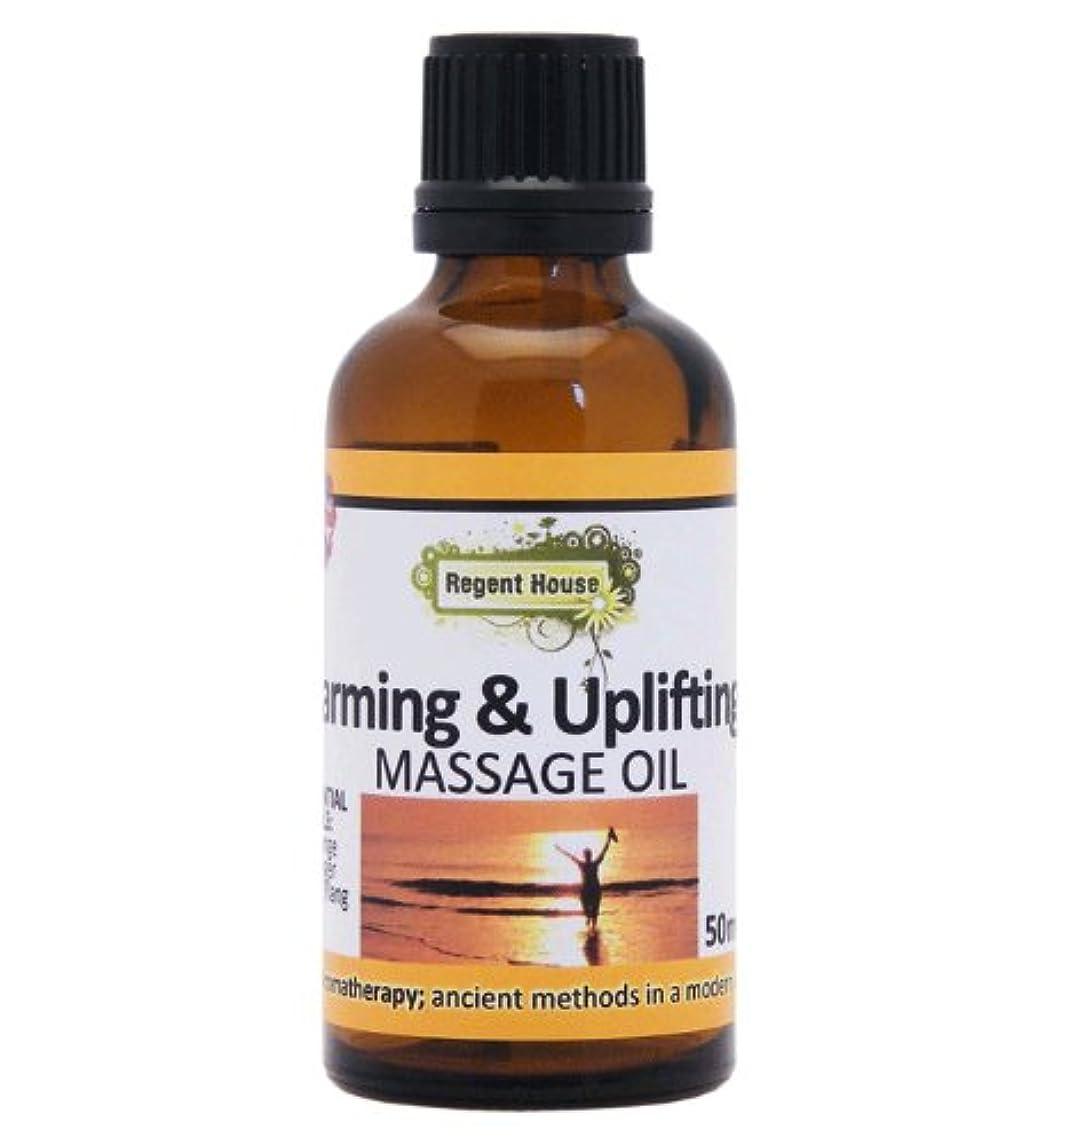 定期的物質着るイタリア産の天然オレンジ精油を、たっぷり配合。 アロマ ナチュラル マッサージオイル 50ml ウォーミング&アップリフティング(Aroma Massage Oil Warming & Uplifting)